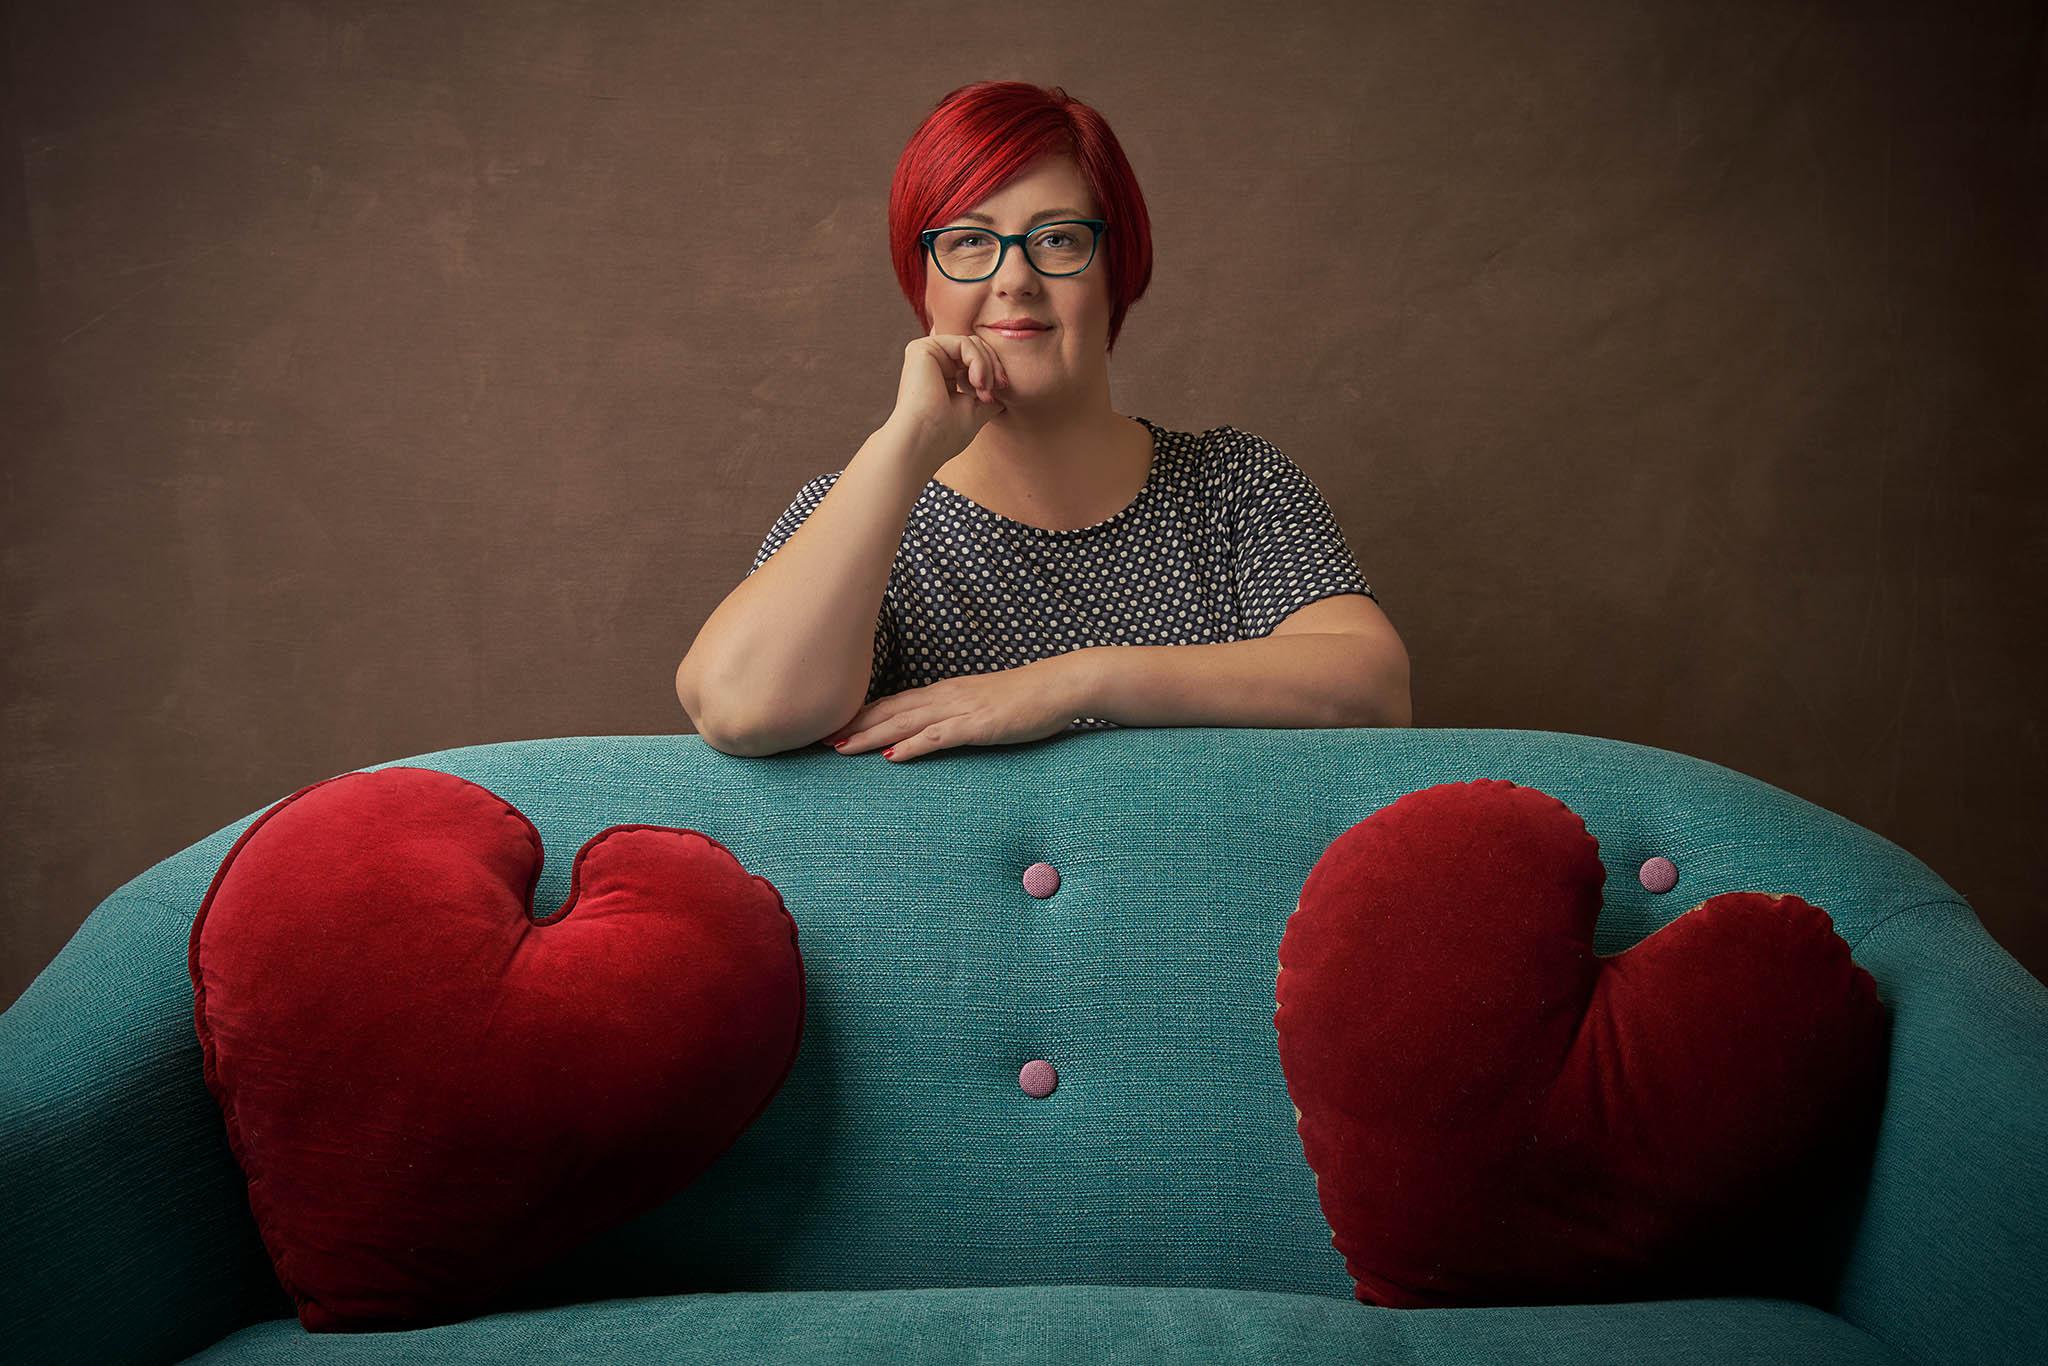 Sarah_couch.jpg